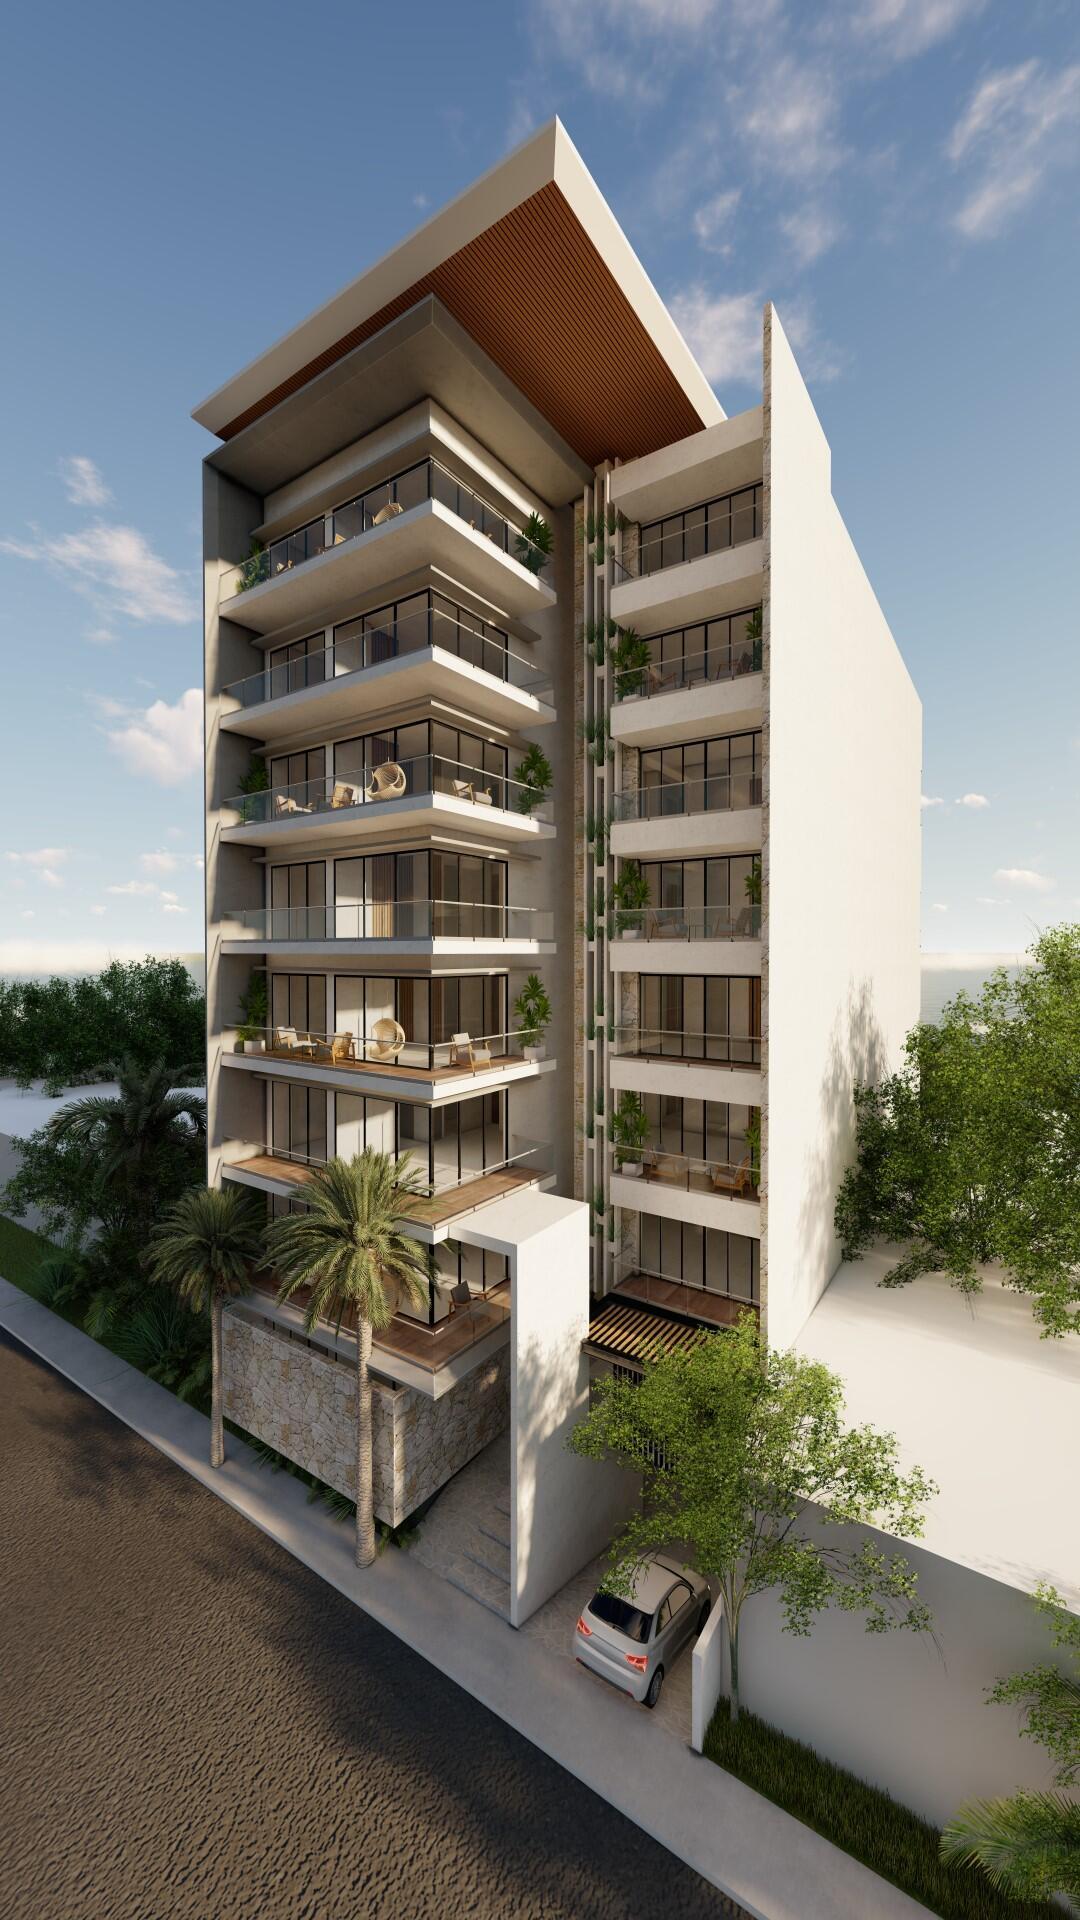 Bucerias, 2 Bedrooms Bedrooms, ,2.5 BathroomsBathrooms,Condo,For Sale,Playa Destiladeras,21521